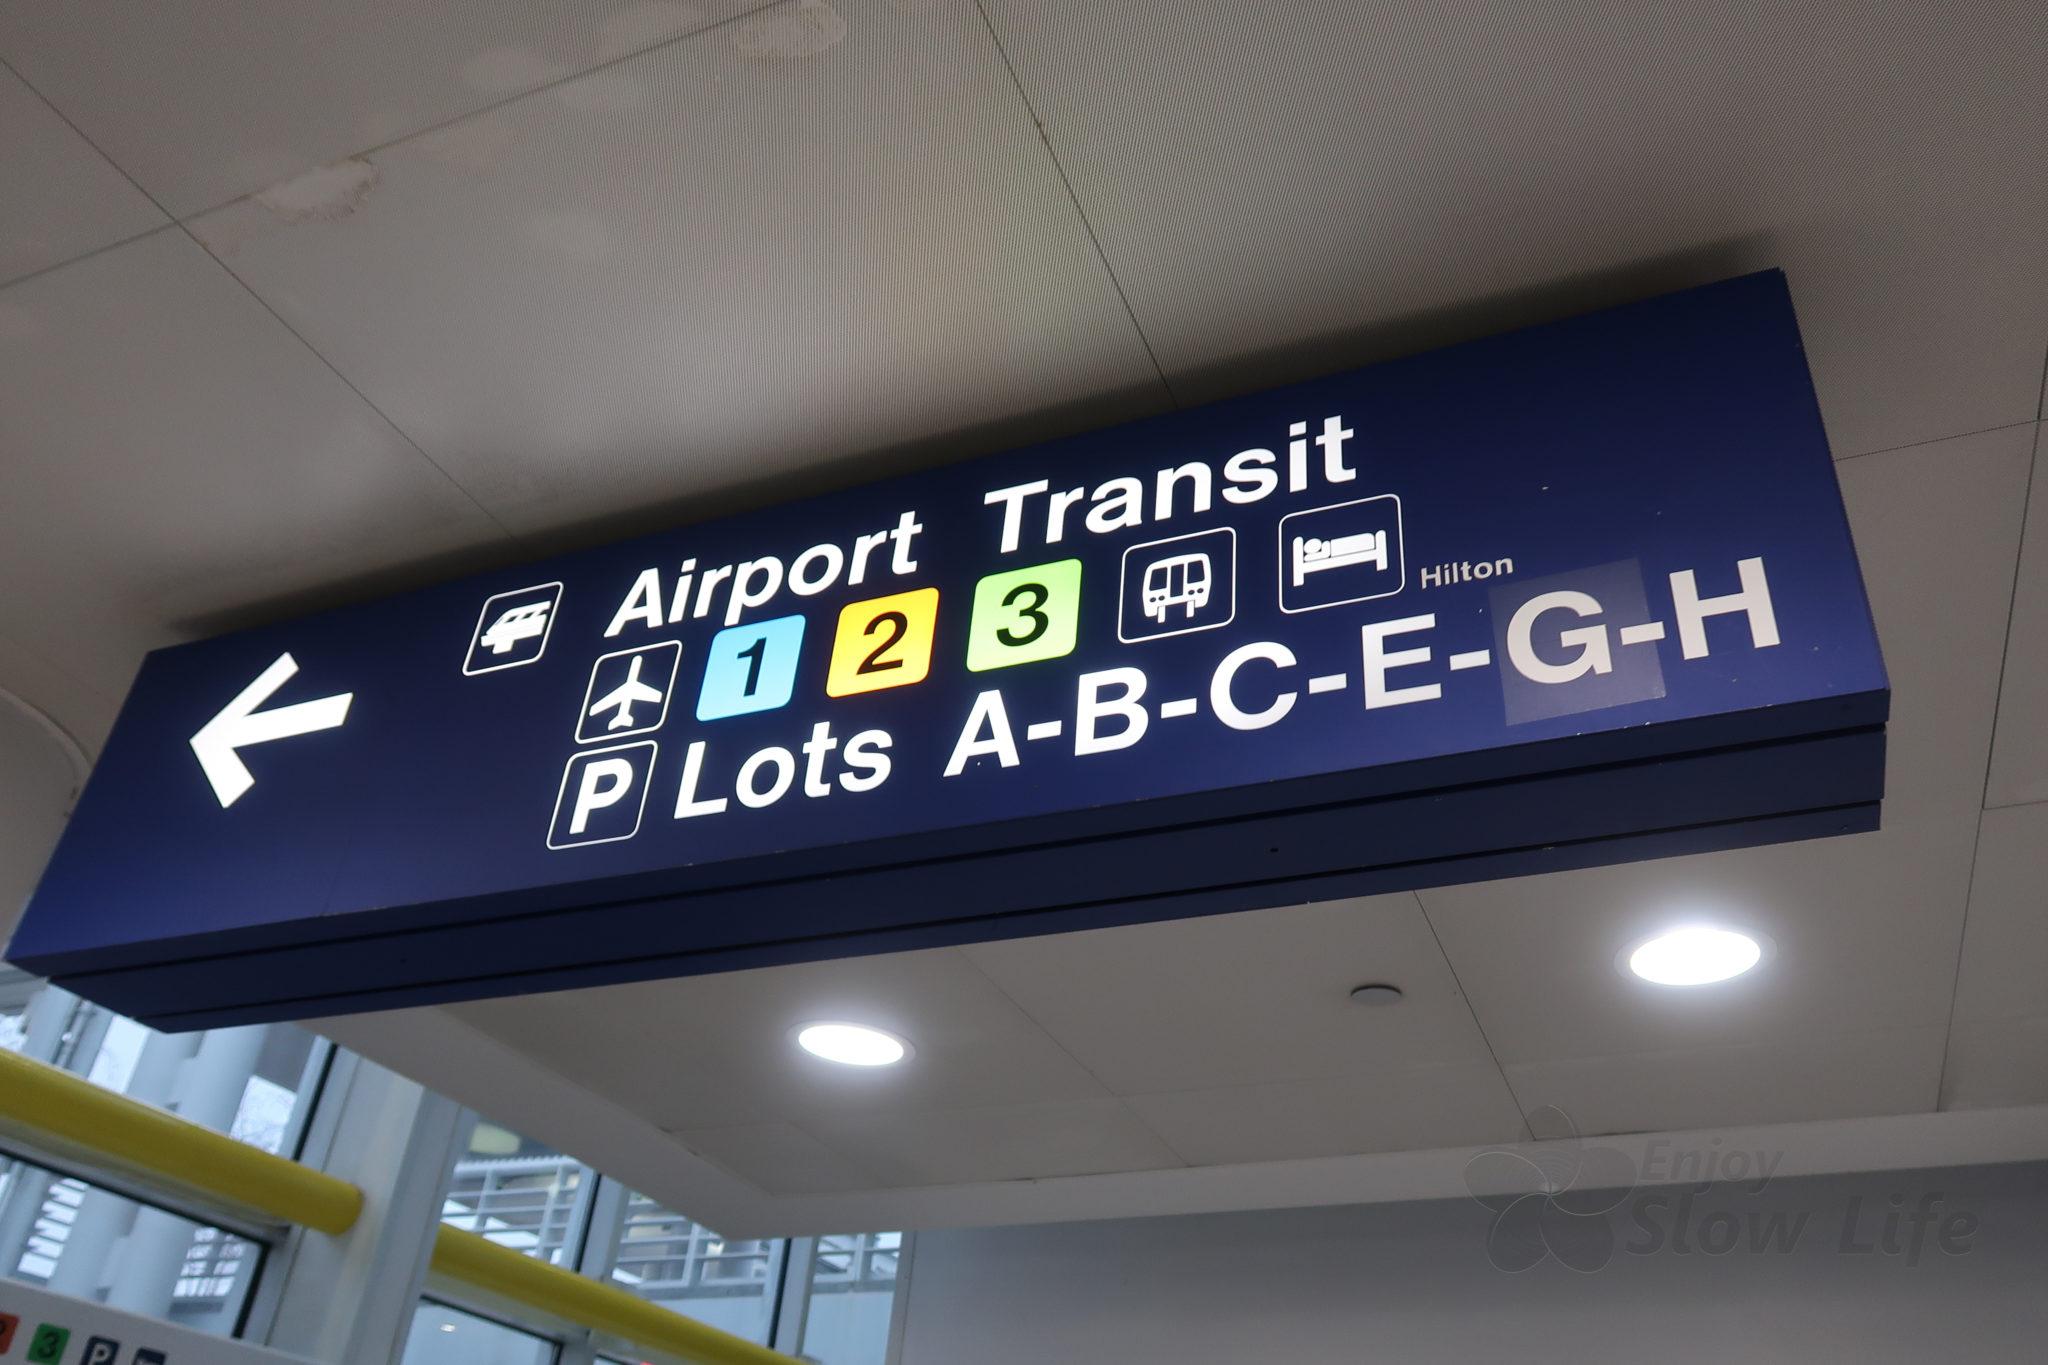 3到着ターミナル出口